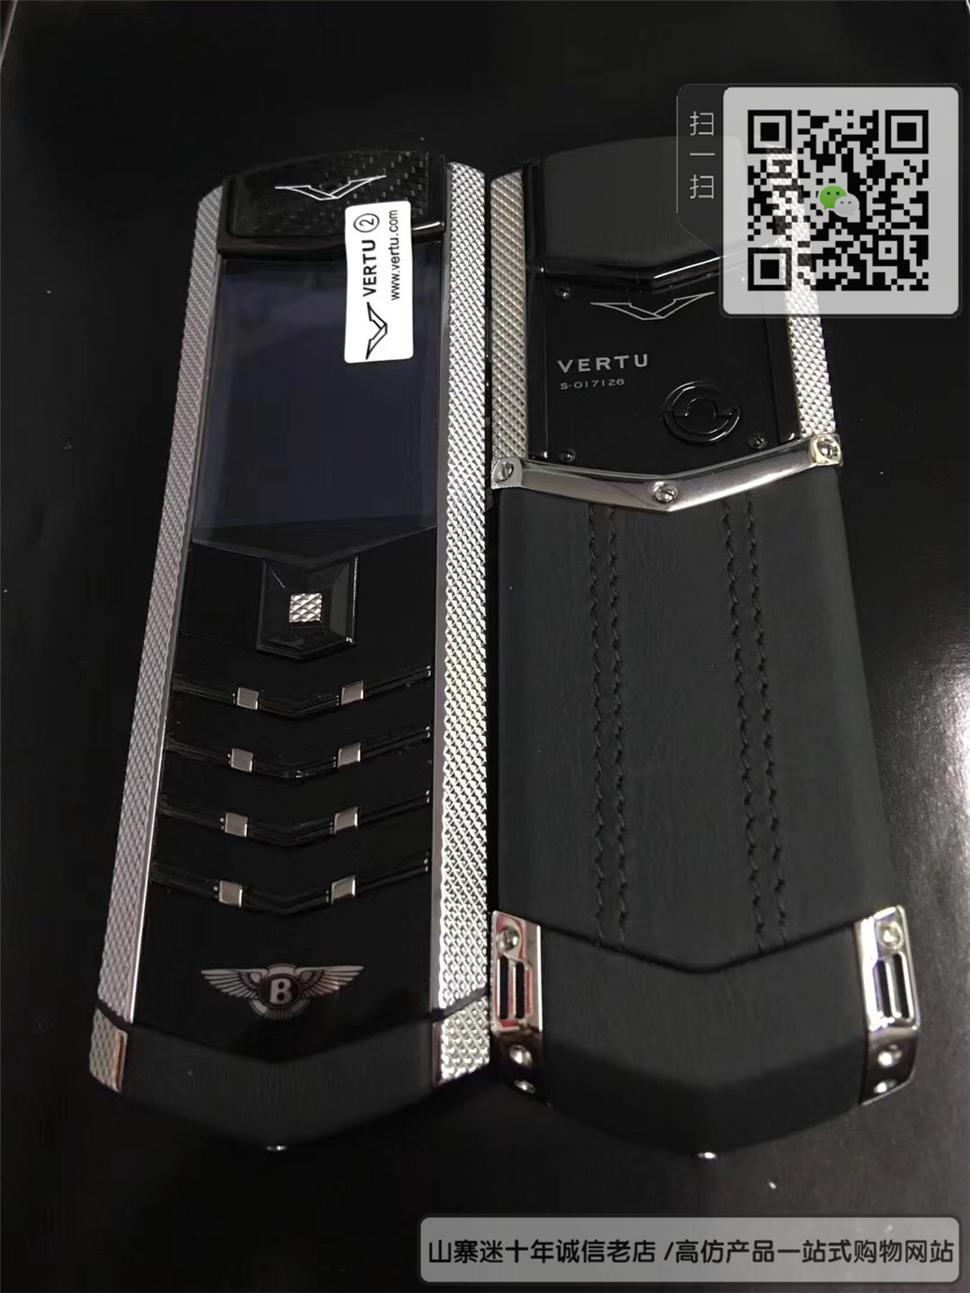 高仿VERTU总裁签名版手机 - 黑色+银色 - 小牛皮- 巴黎螺纹钉☼